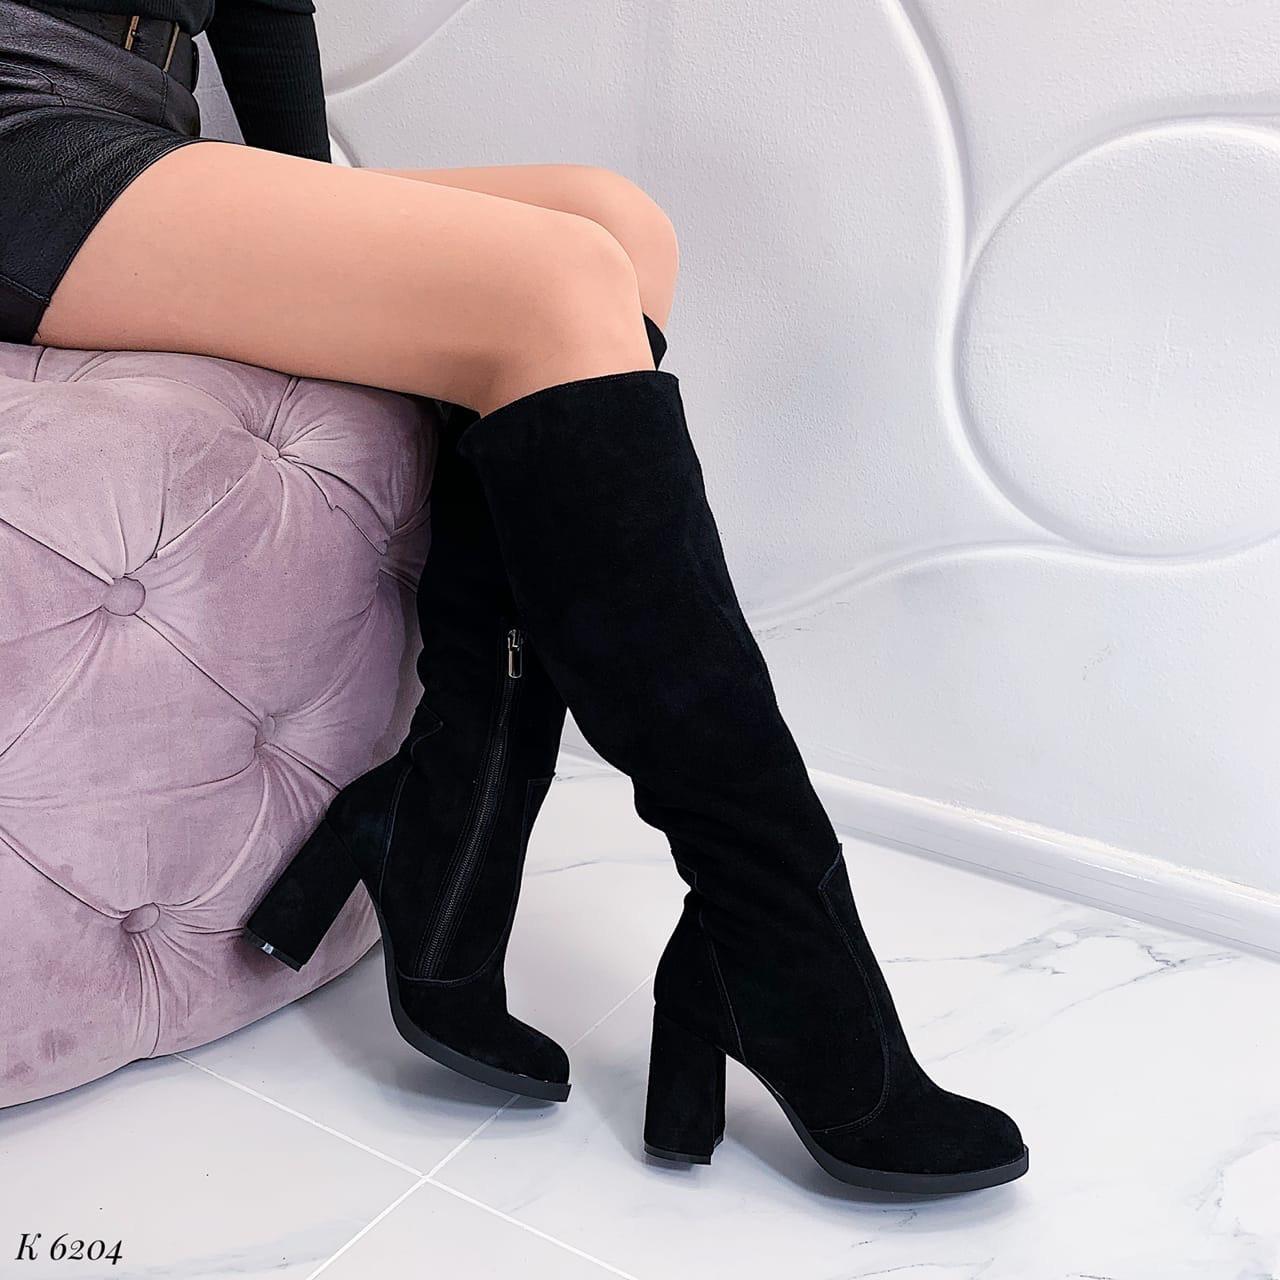 39 р. Сапоги женские зимние черные замшевые на высоком каблуке из натуральной замши натуральная замша